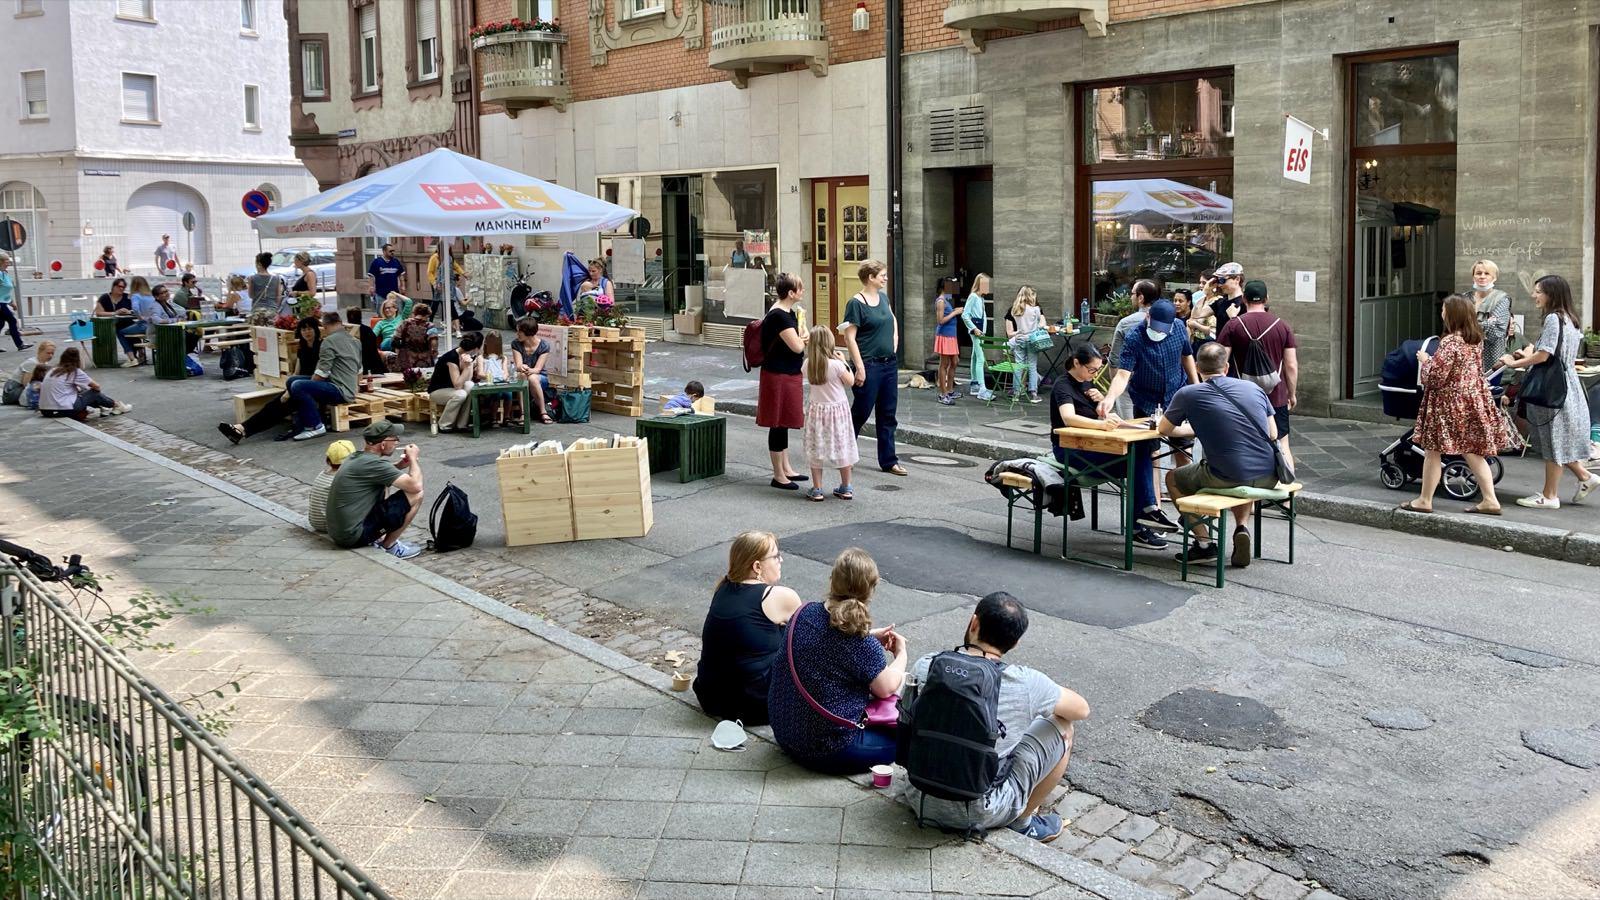 Fotostrecken: Hofflohmärkte und Aktionstag zur Aufenthaltsqualität im öffentlichen Raum